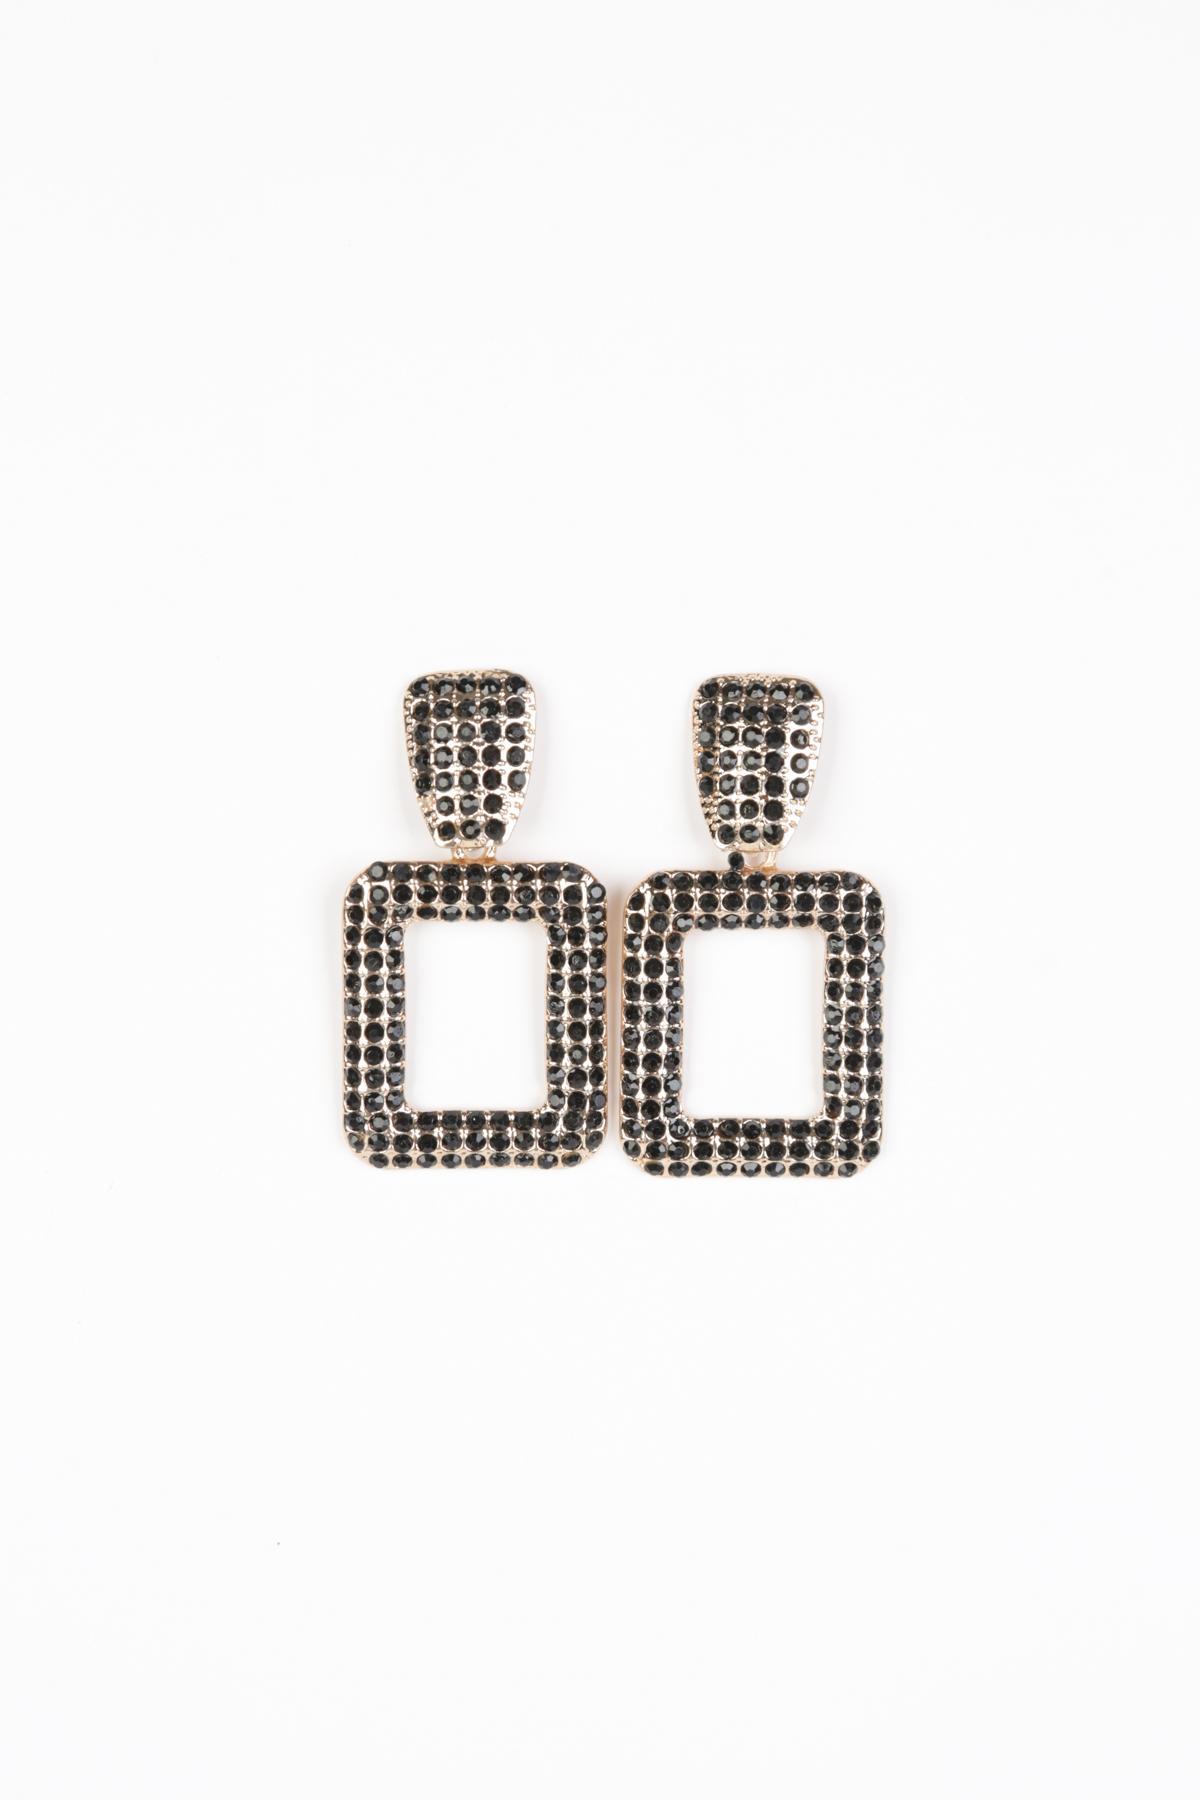 Boucles d'oreilles Accessoires Noir Better Way BW-012-NOIR #c eFashion Paris